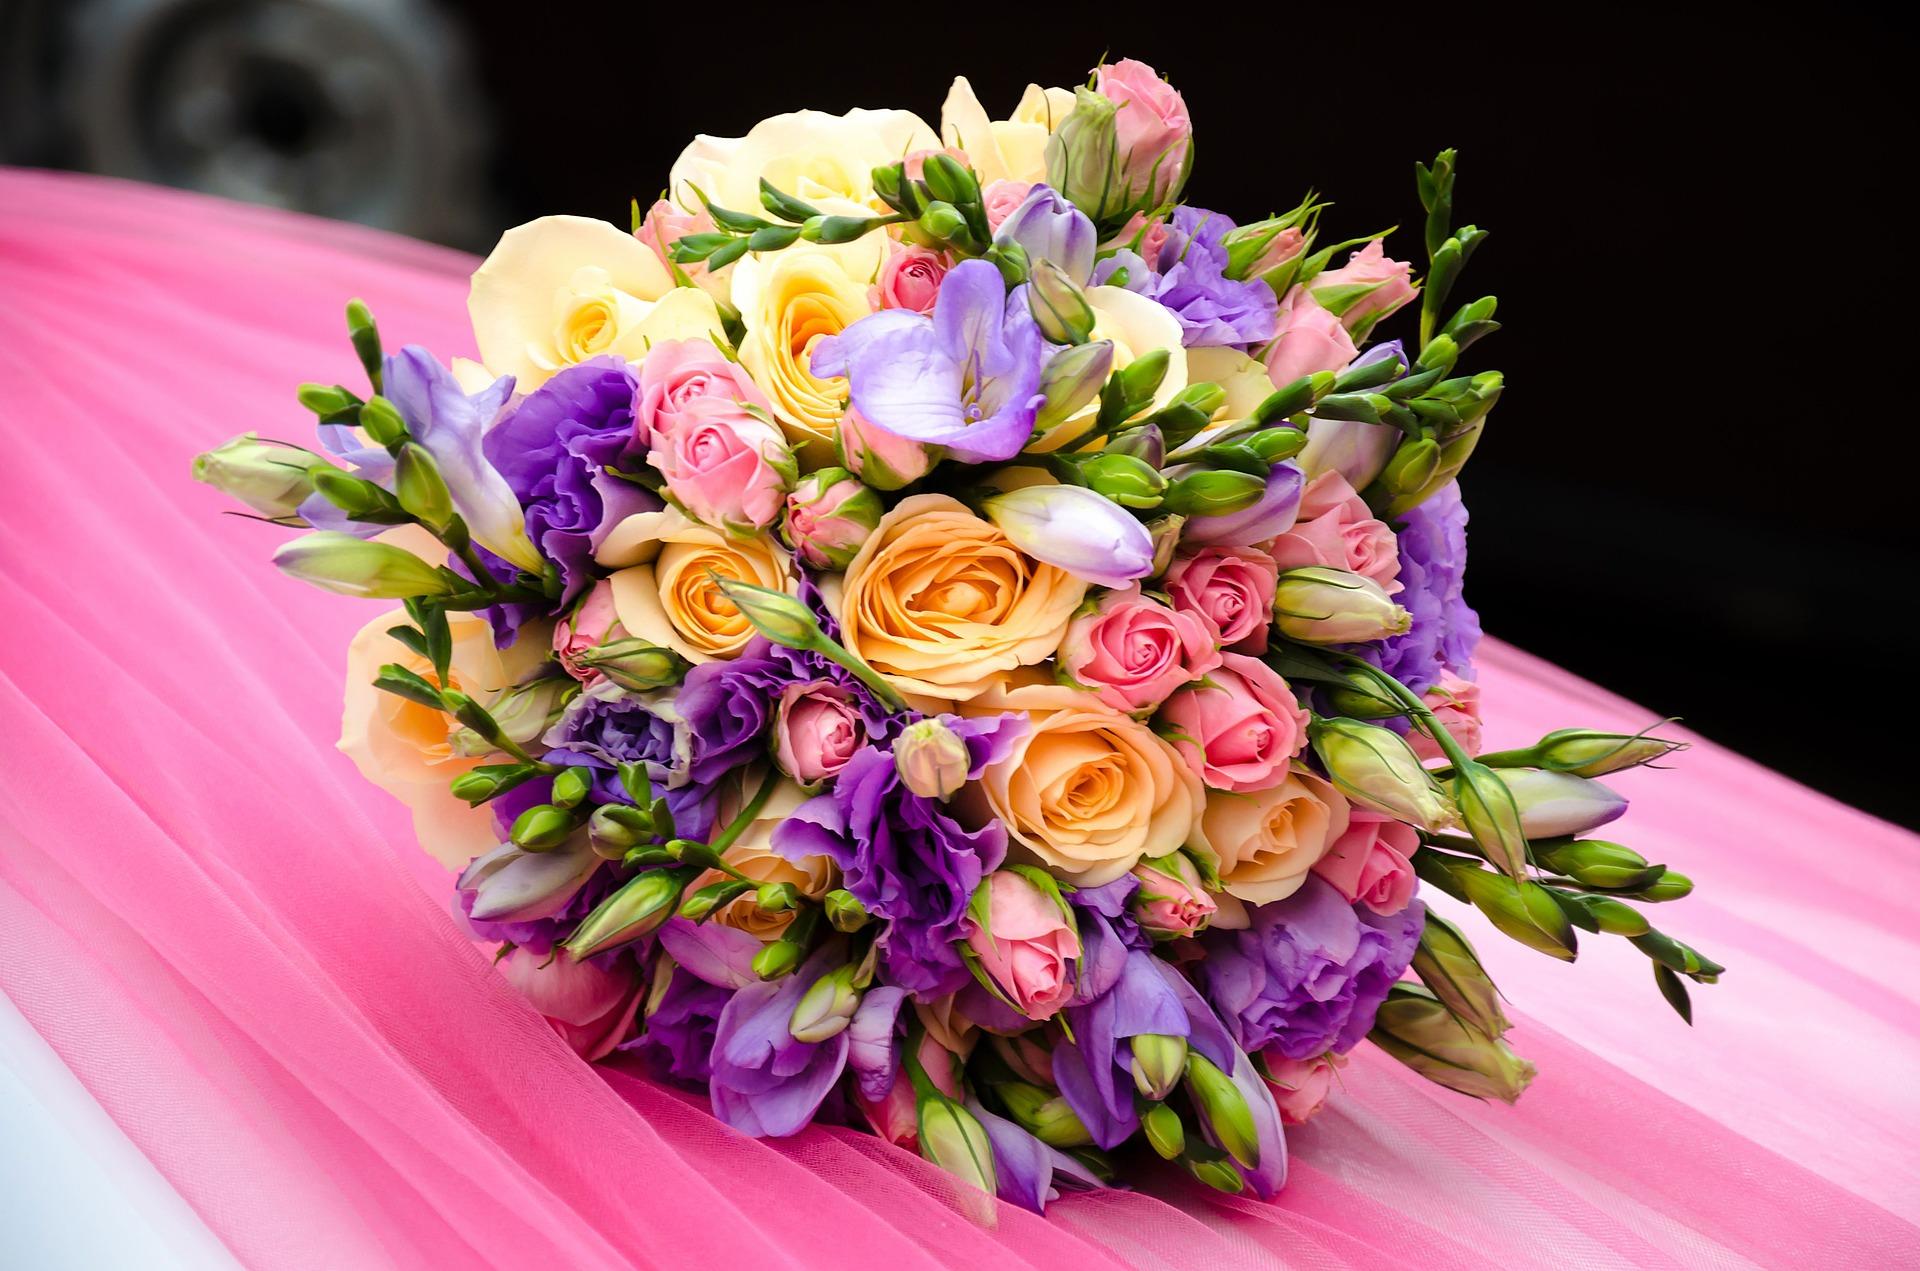 Где цветочному магазину покупать готовые букеты оптом